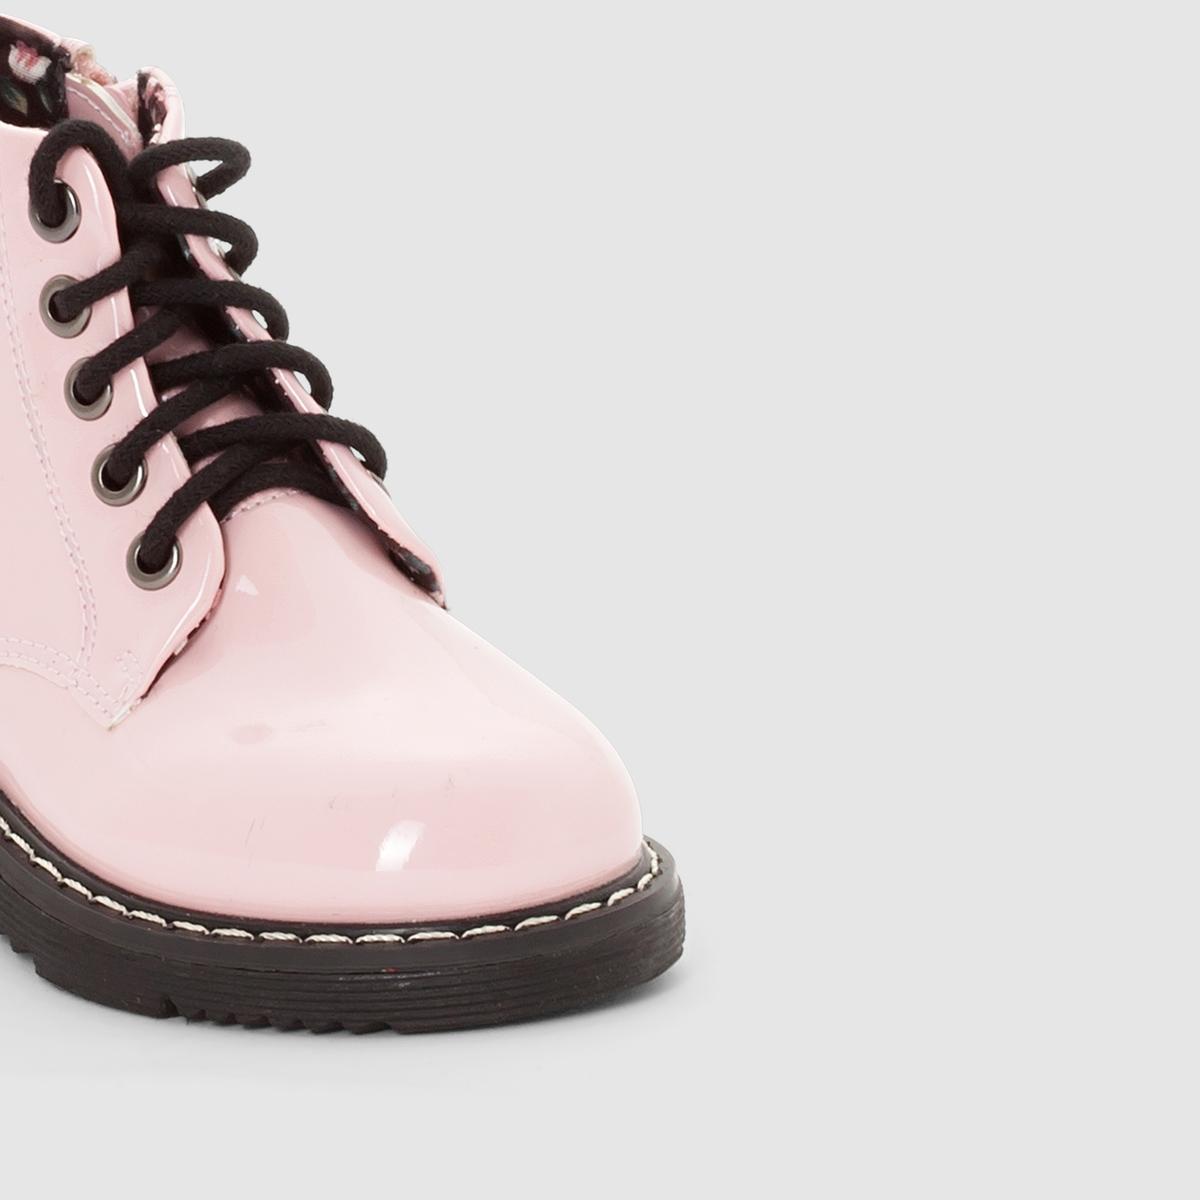 Ботинки лакированные, на молнии и шнуровкеЛакированные ботинки, на молнии и шнуровке.Верх: лакированная синтетика.Подкладка: текстиль.Стелька: текстиль.Подошва: из эластомера.Застежка: на молнию. Блестящее лакированное покрытие, удобная застежка на молнию... Ваш малыш будет носить эти ботинки с удовольствием весь сезон!<br><br>Цвет: розовый лак